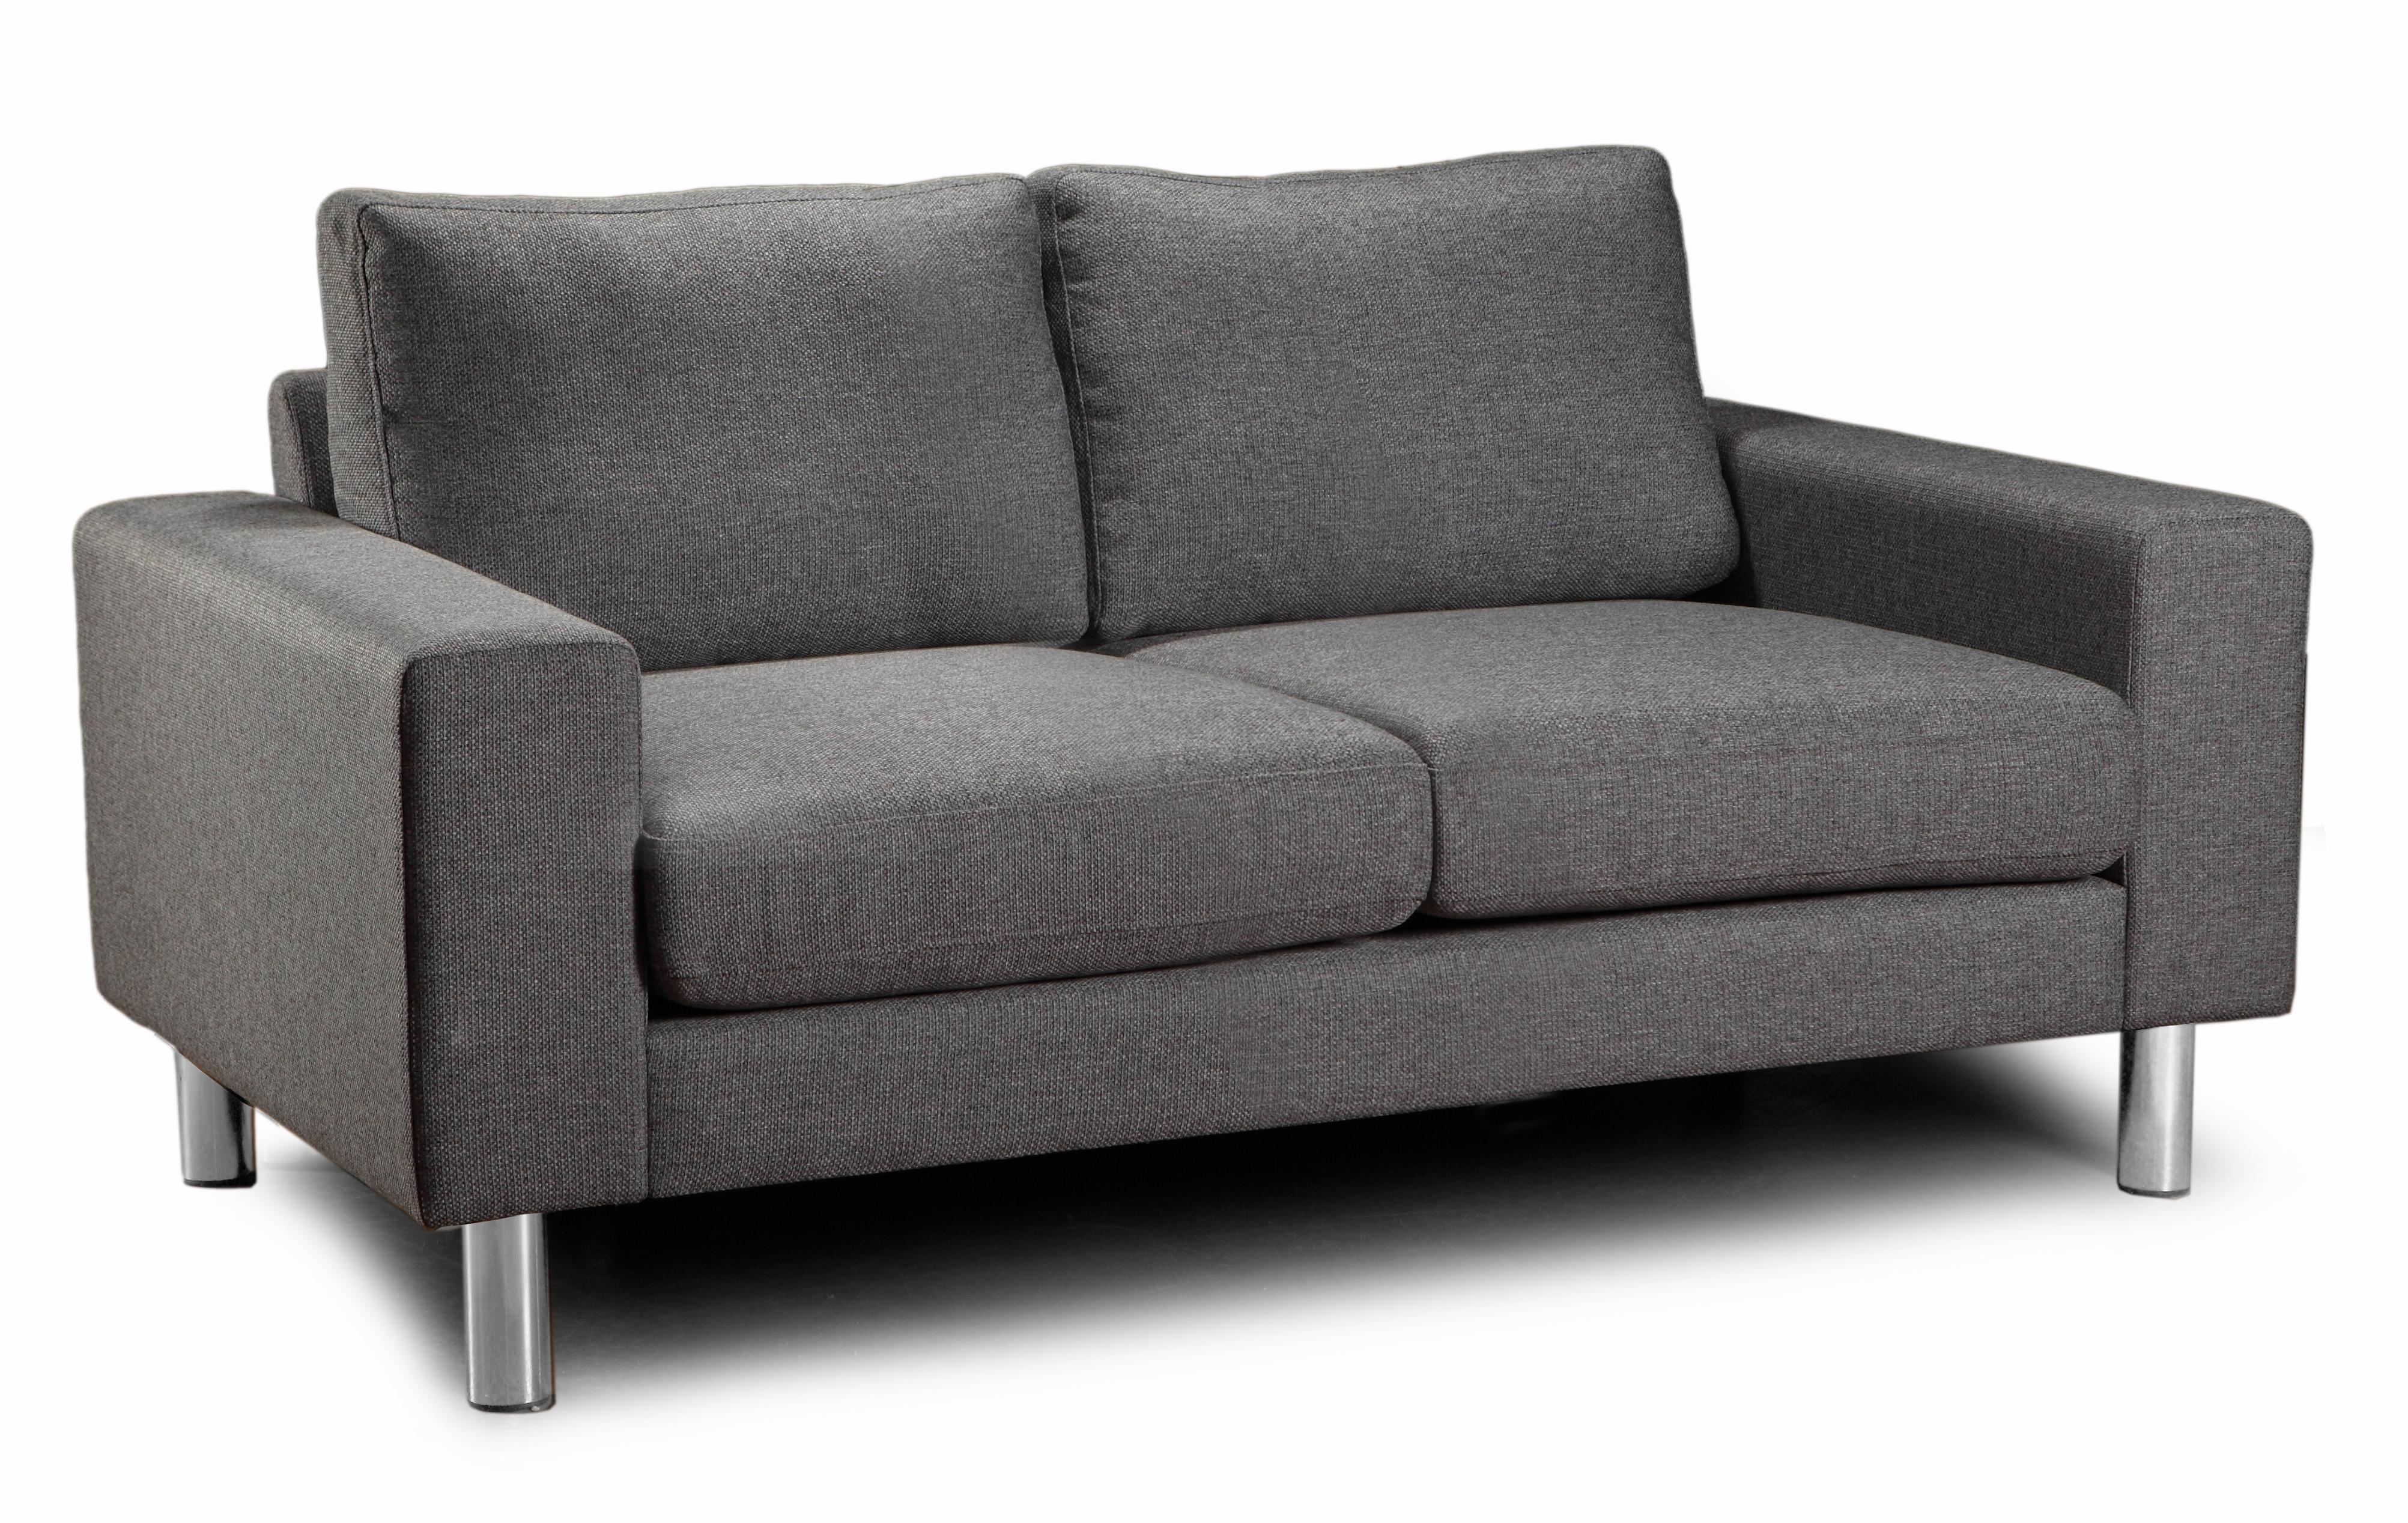 Canapea 2 locuri tapitata cu stofa Modena